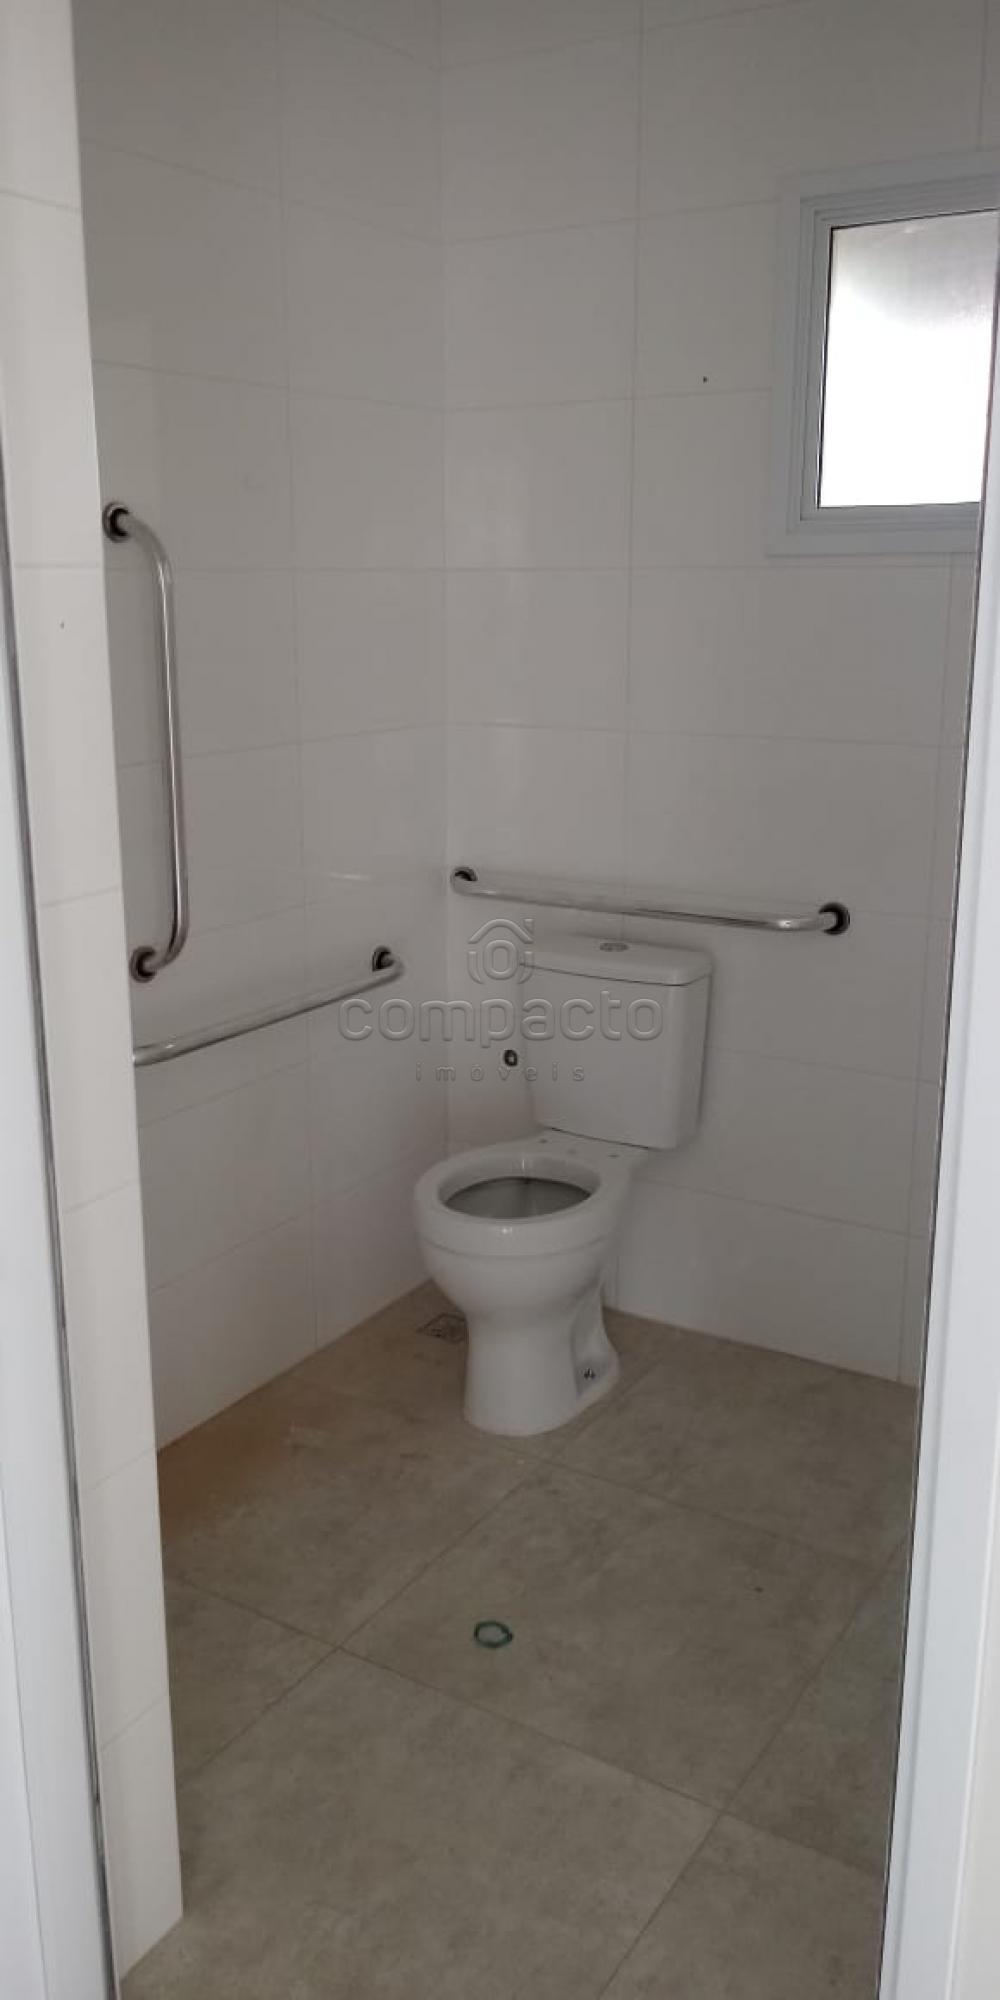 Comprar Apartamento / Padrão em São José do Rio Preto apenas R$ 288.000,00 - Foto 11